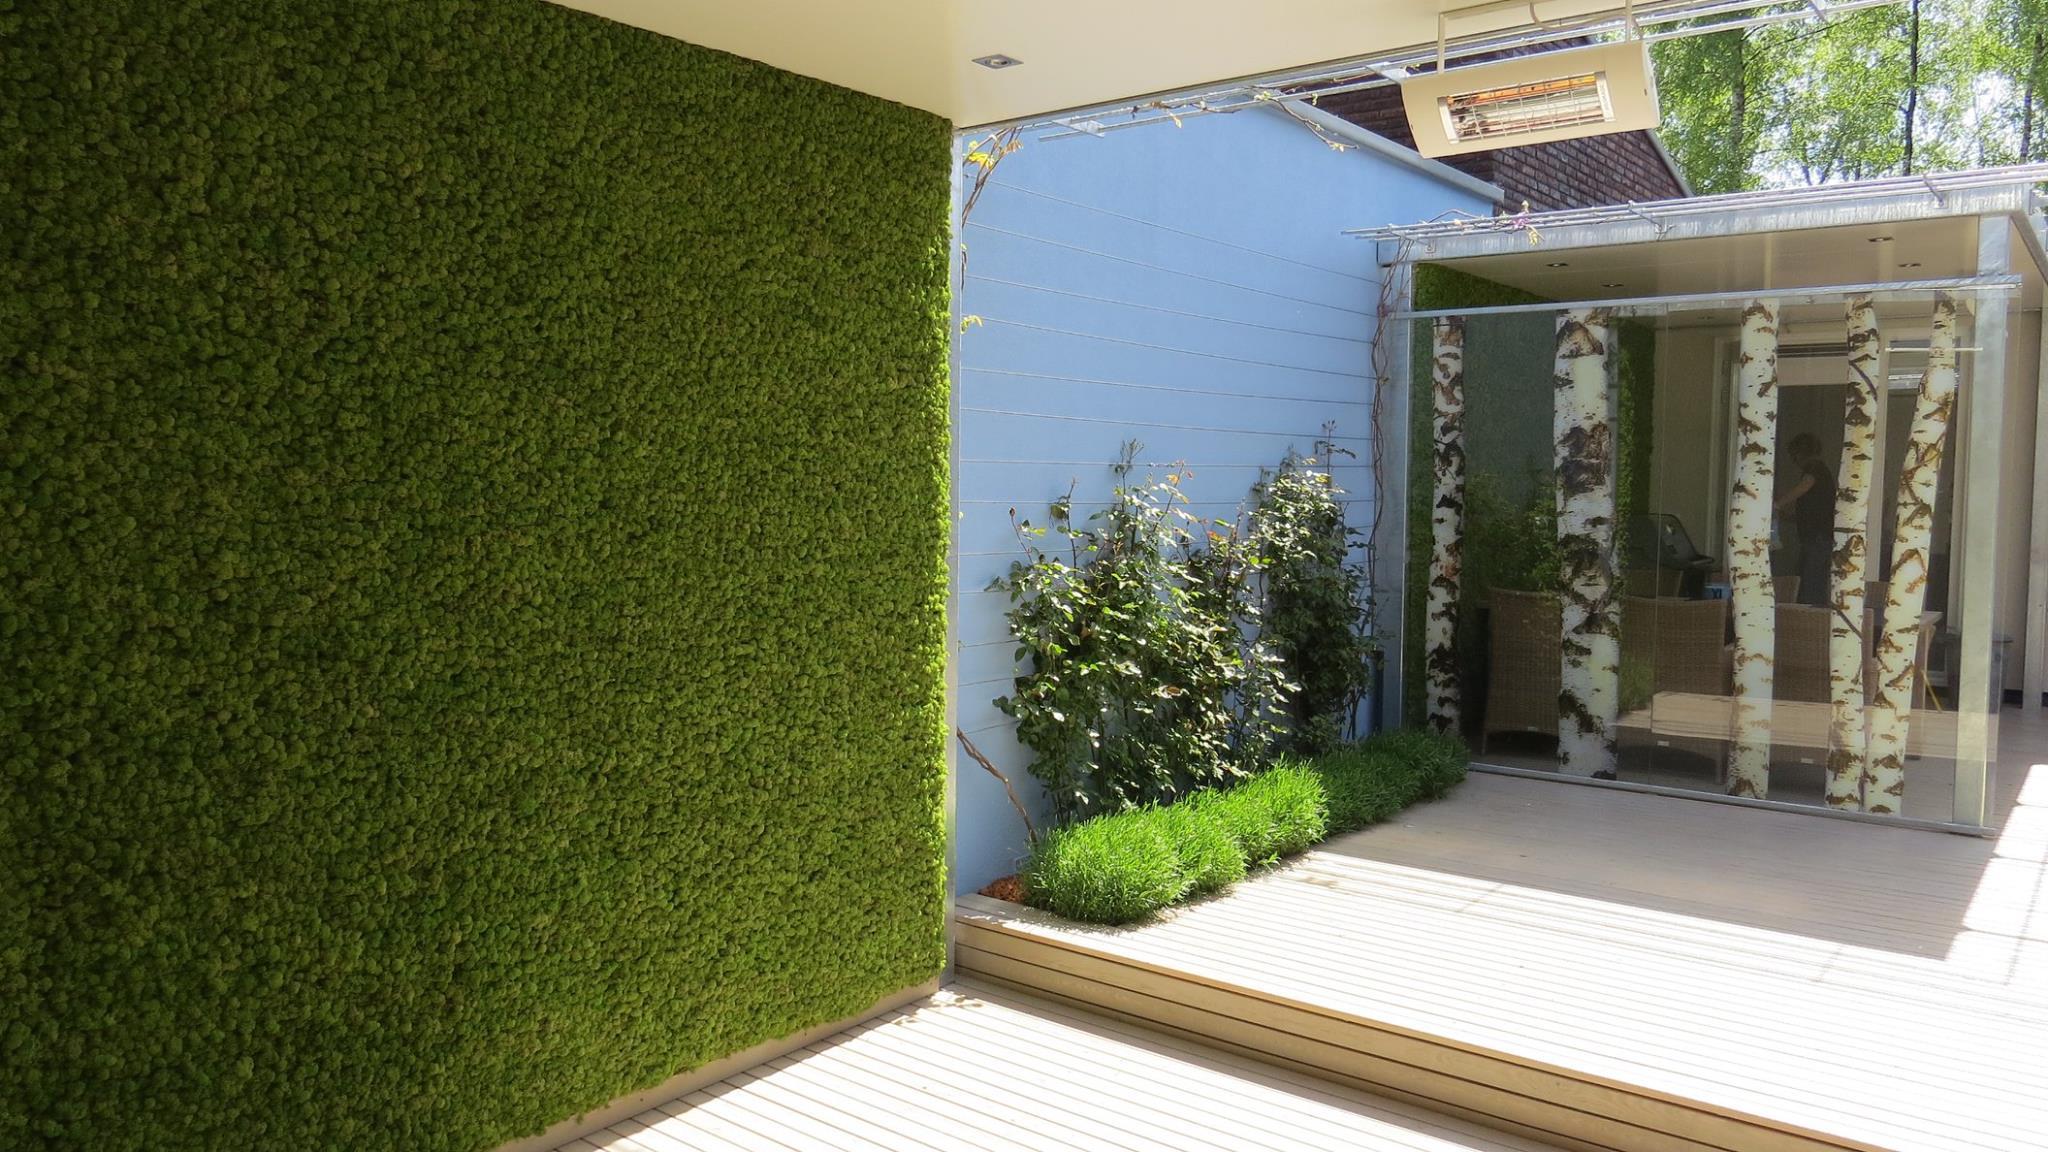 Groene muur van mos op je terras op maat gemaakt door Moswens #tuin #moswand #tuinidee